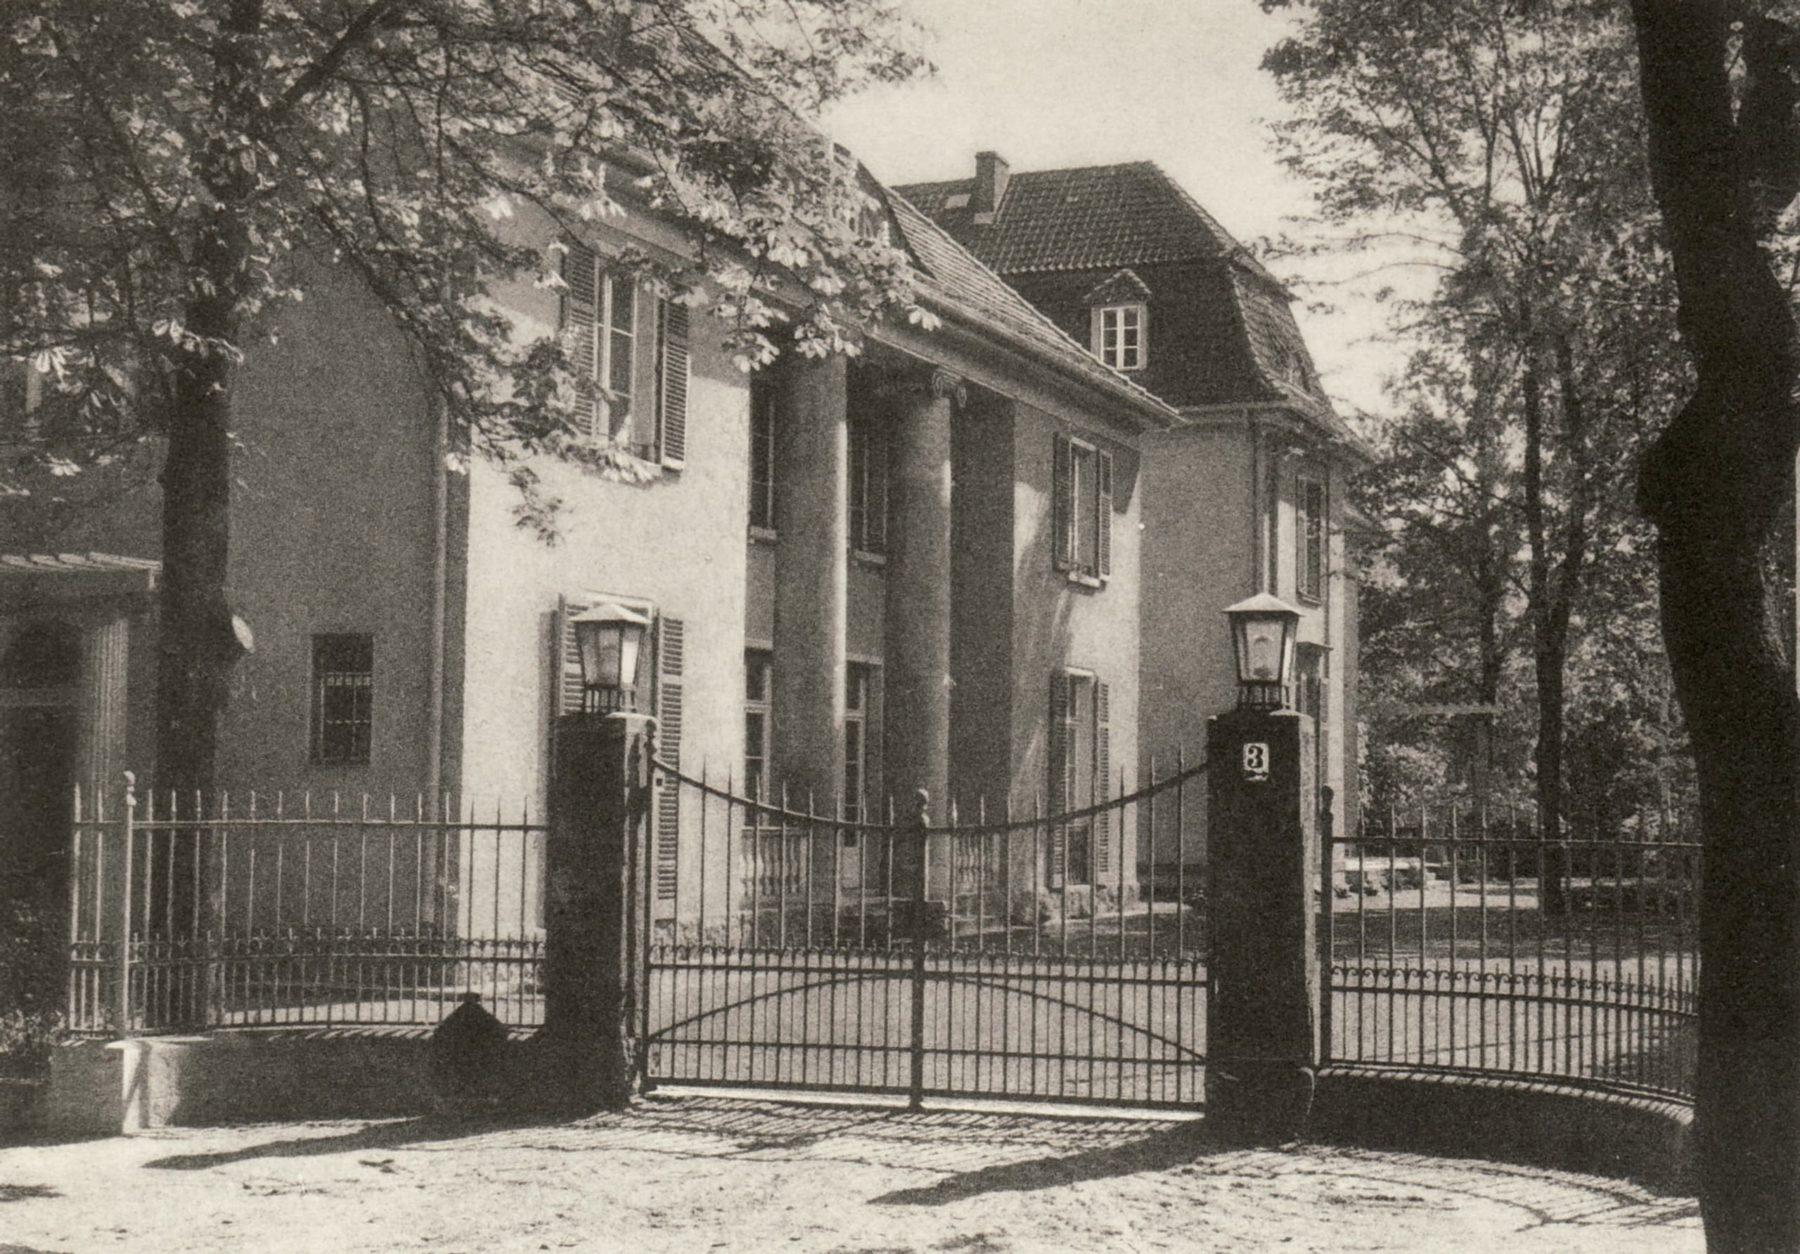 Historische Ansicht der Reichspost in der heutigen Liebermann-Villa um 1940